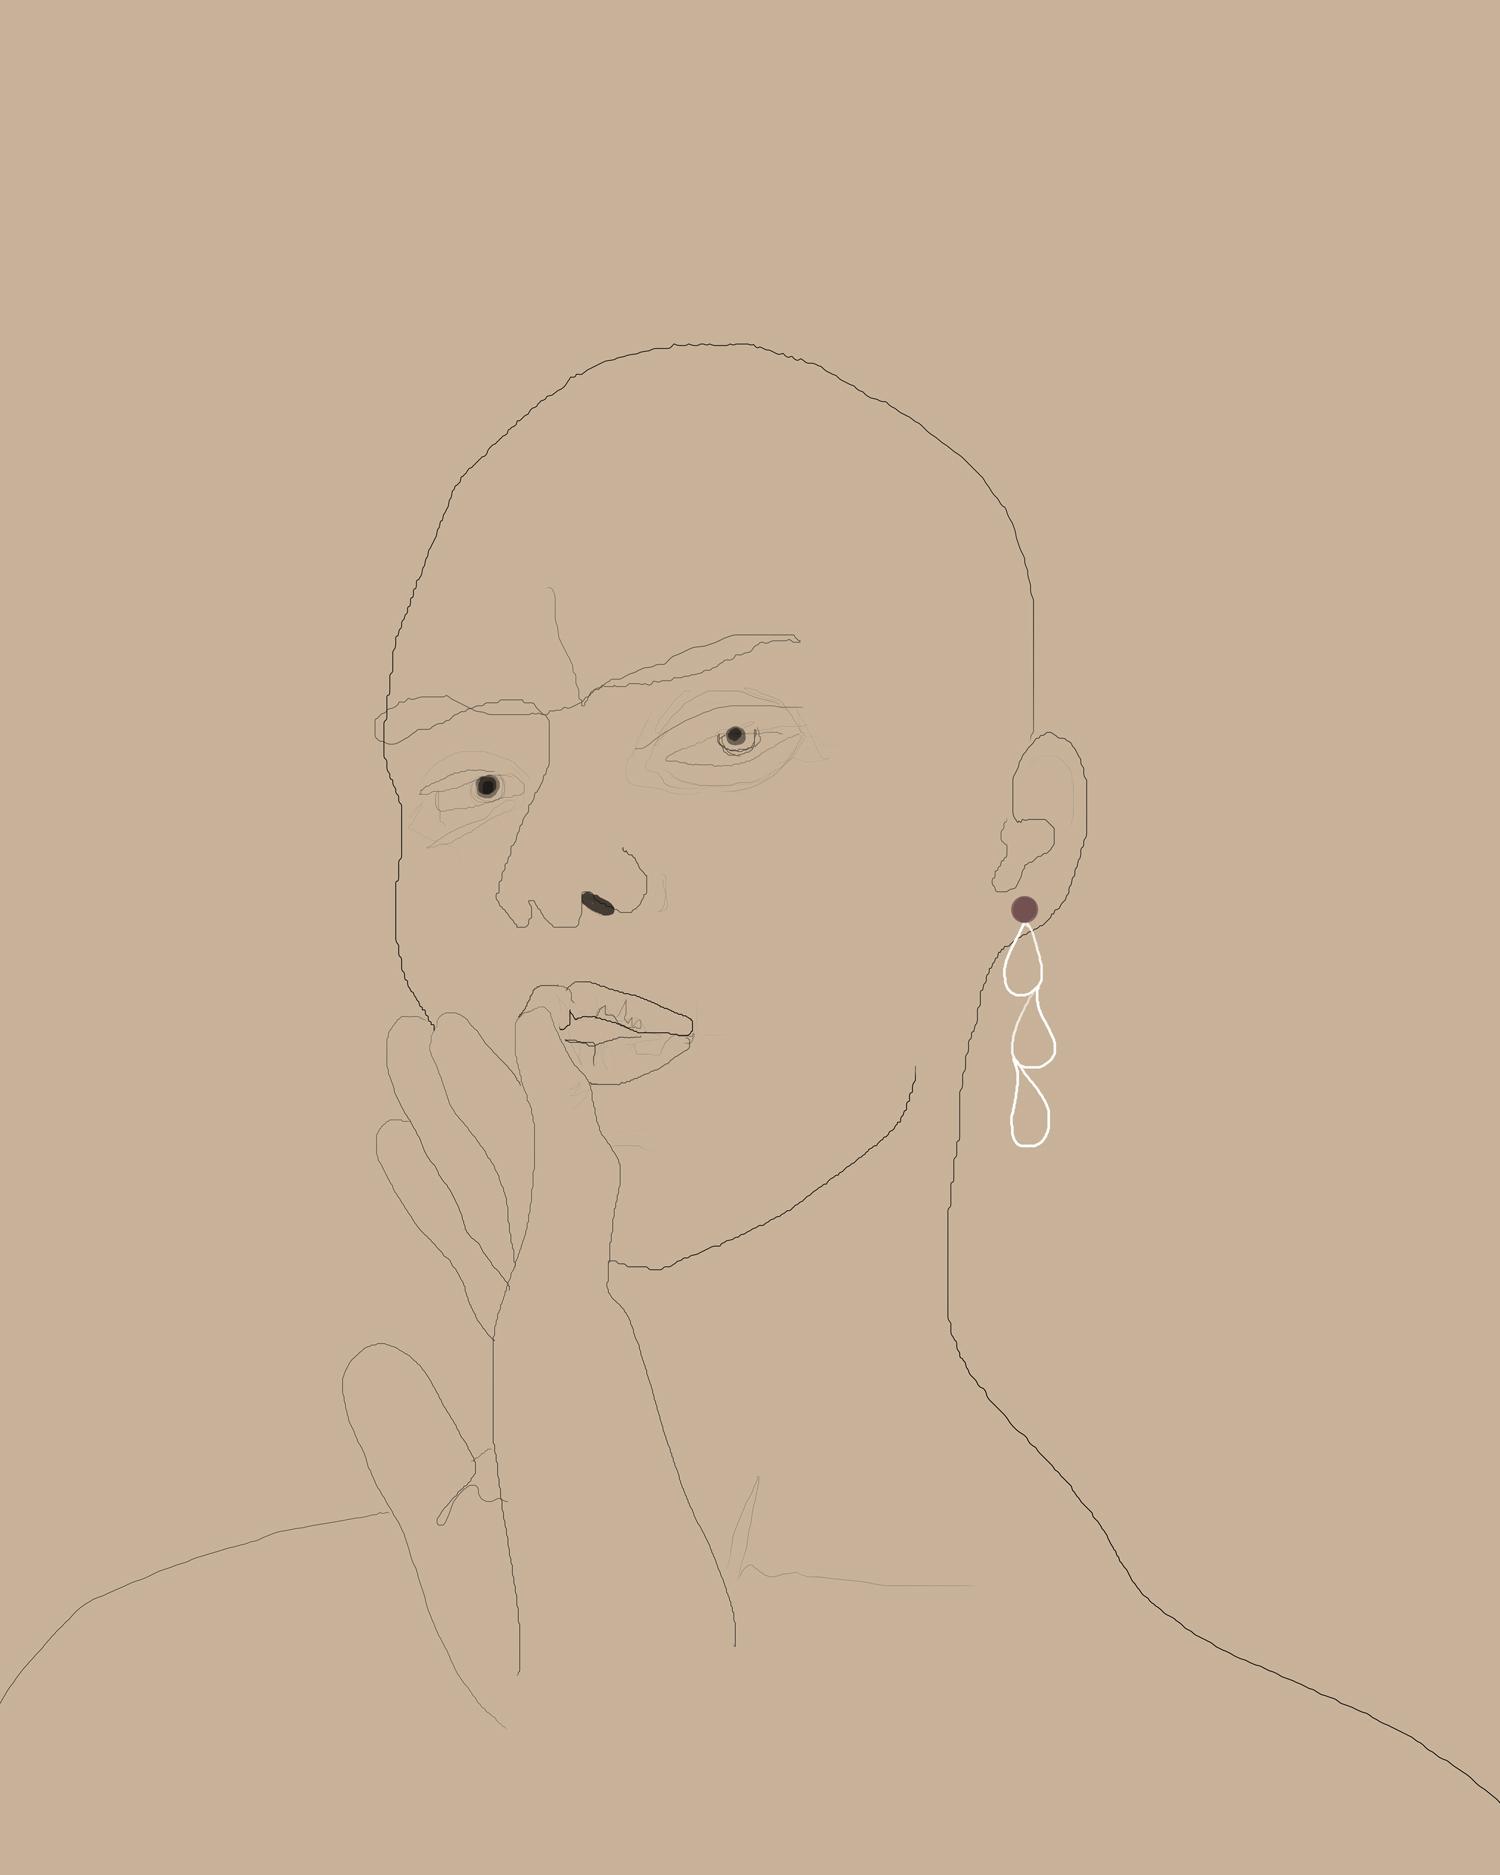 girl-earing.jpg